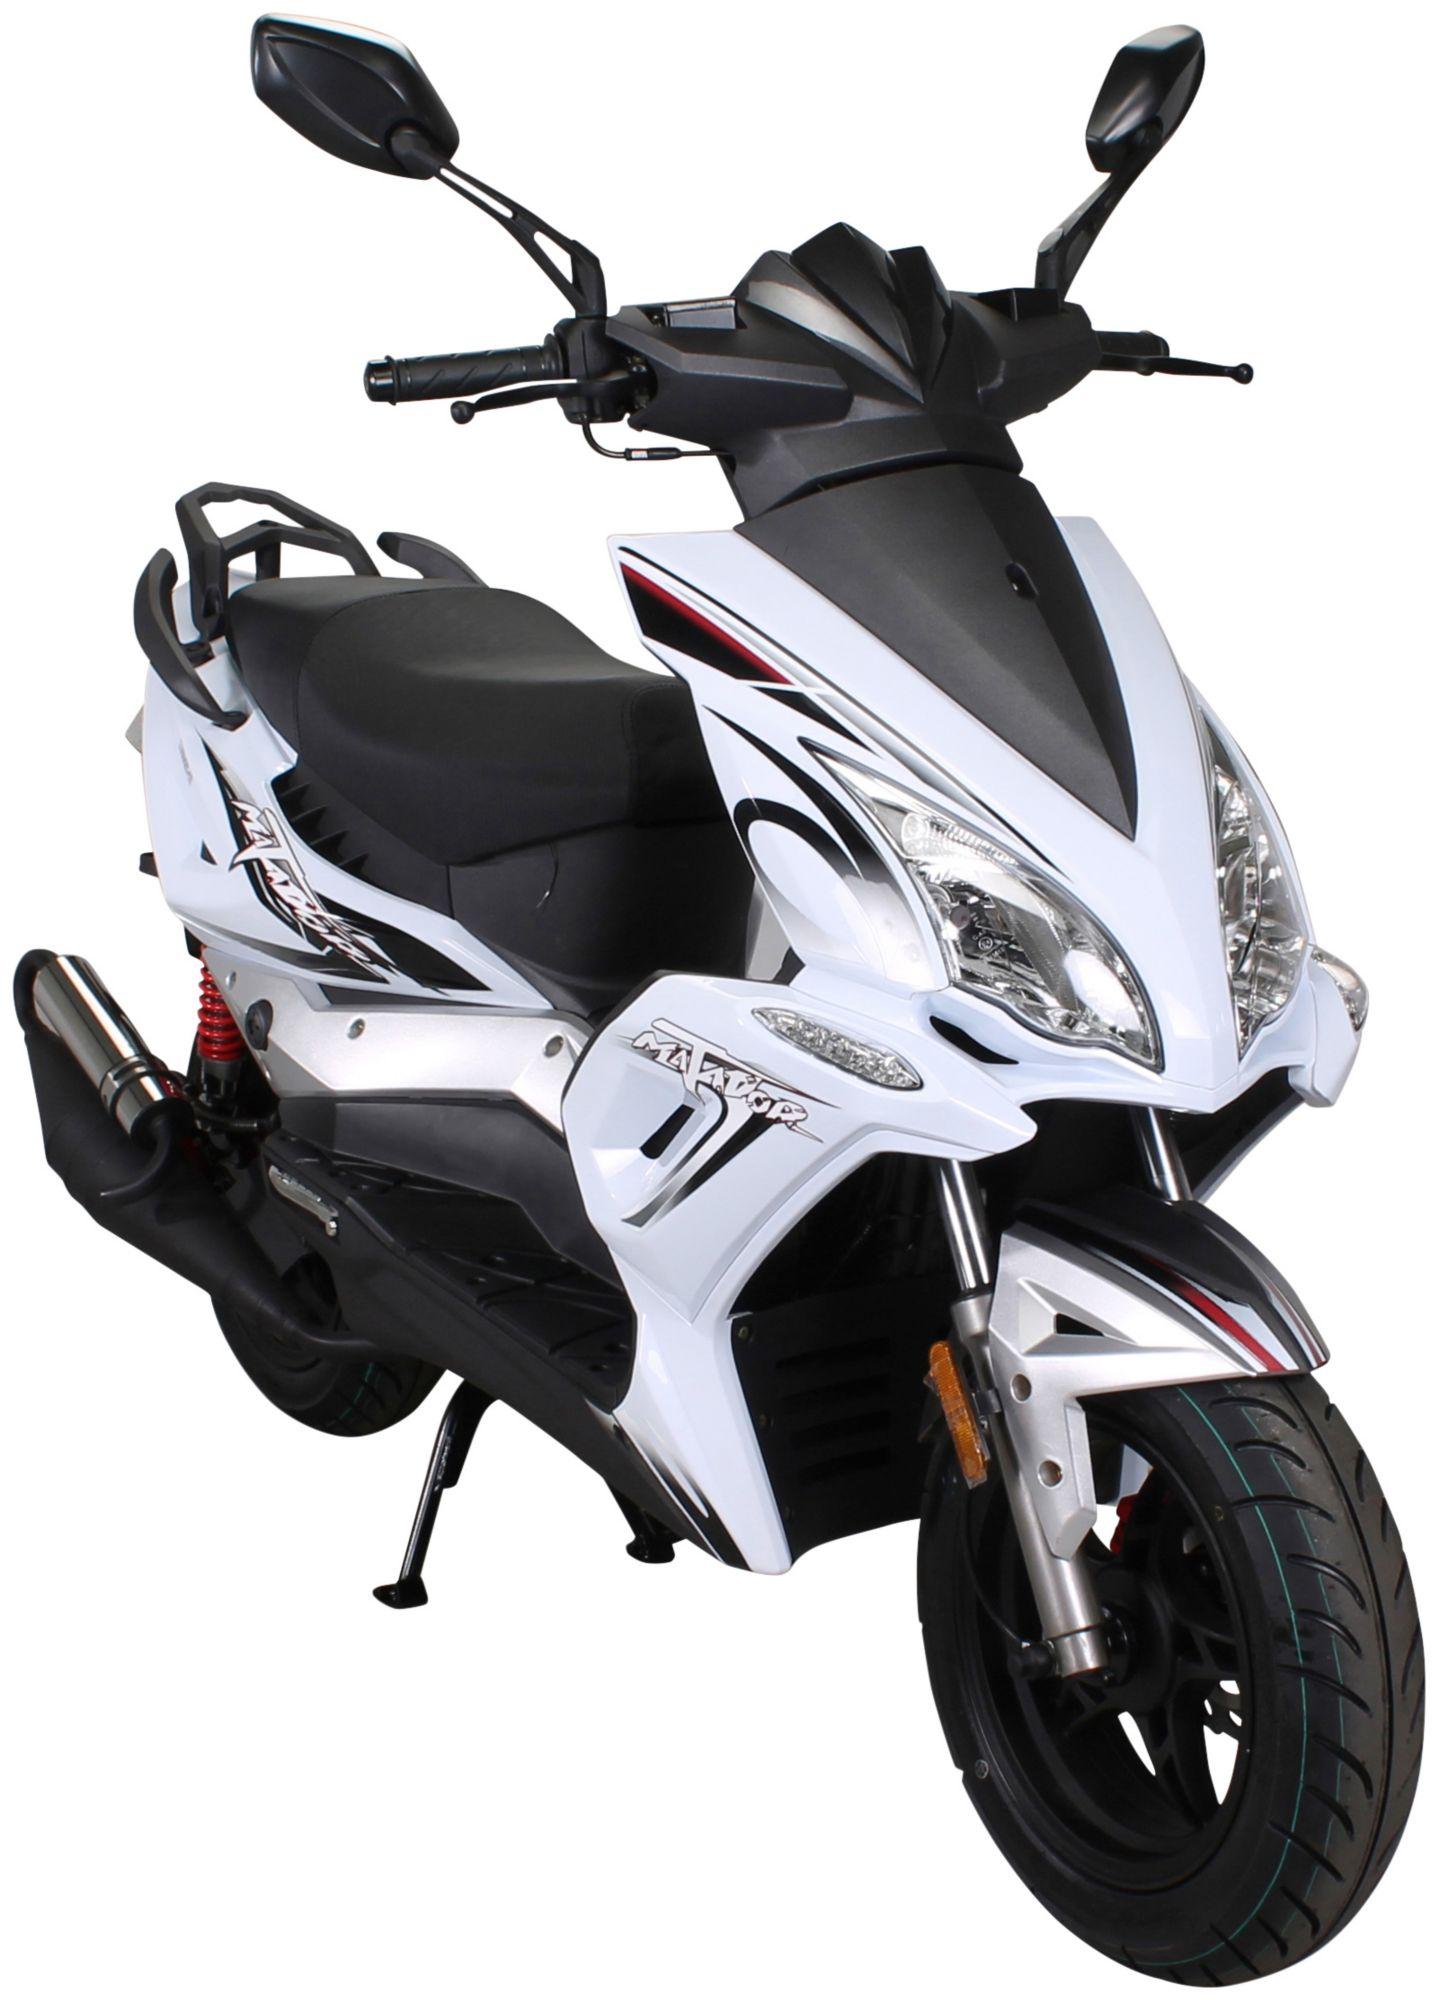 ACTIONBIKES MOTORS Actionbikes Motors Motorroller »Matador«, 50 ccm, 45 km/h